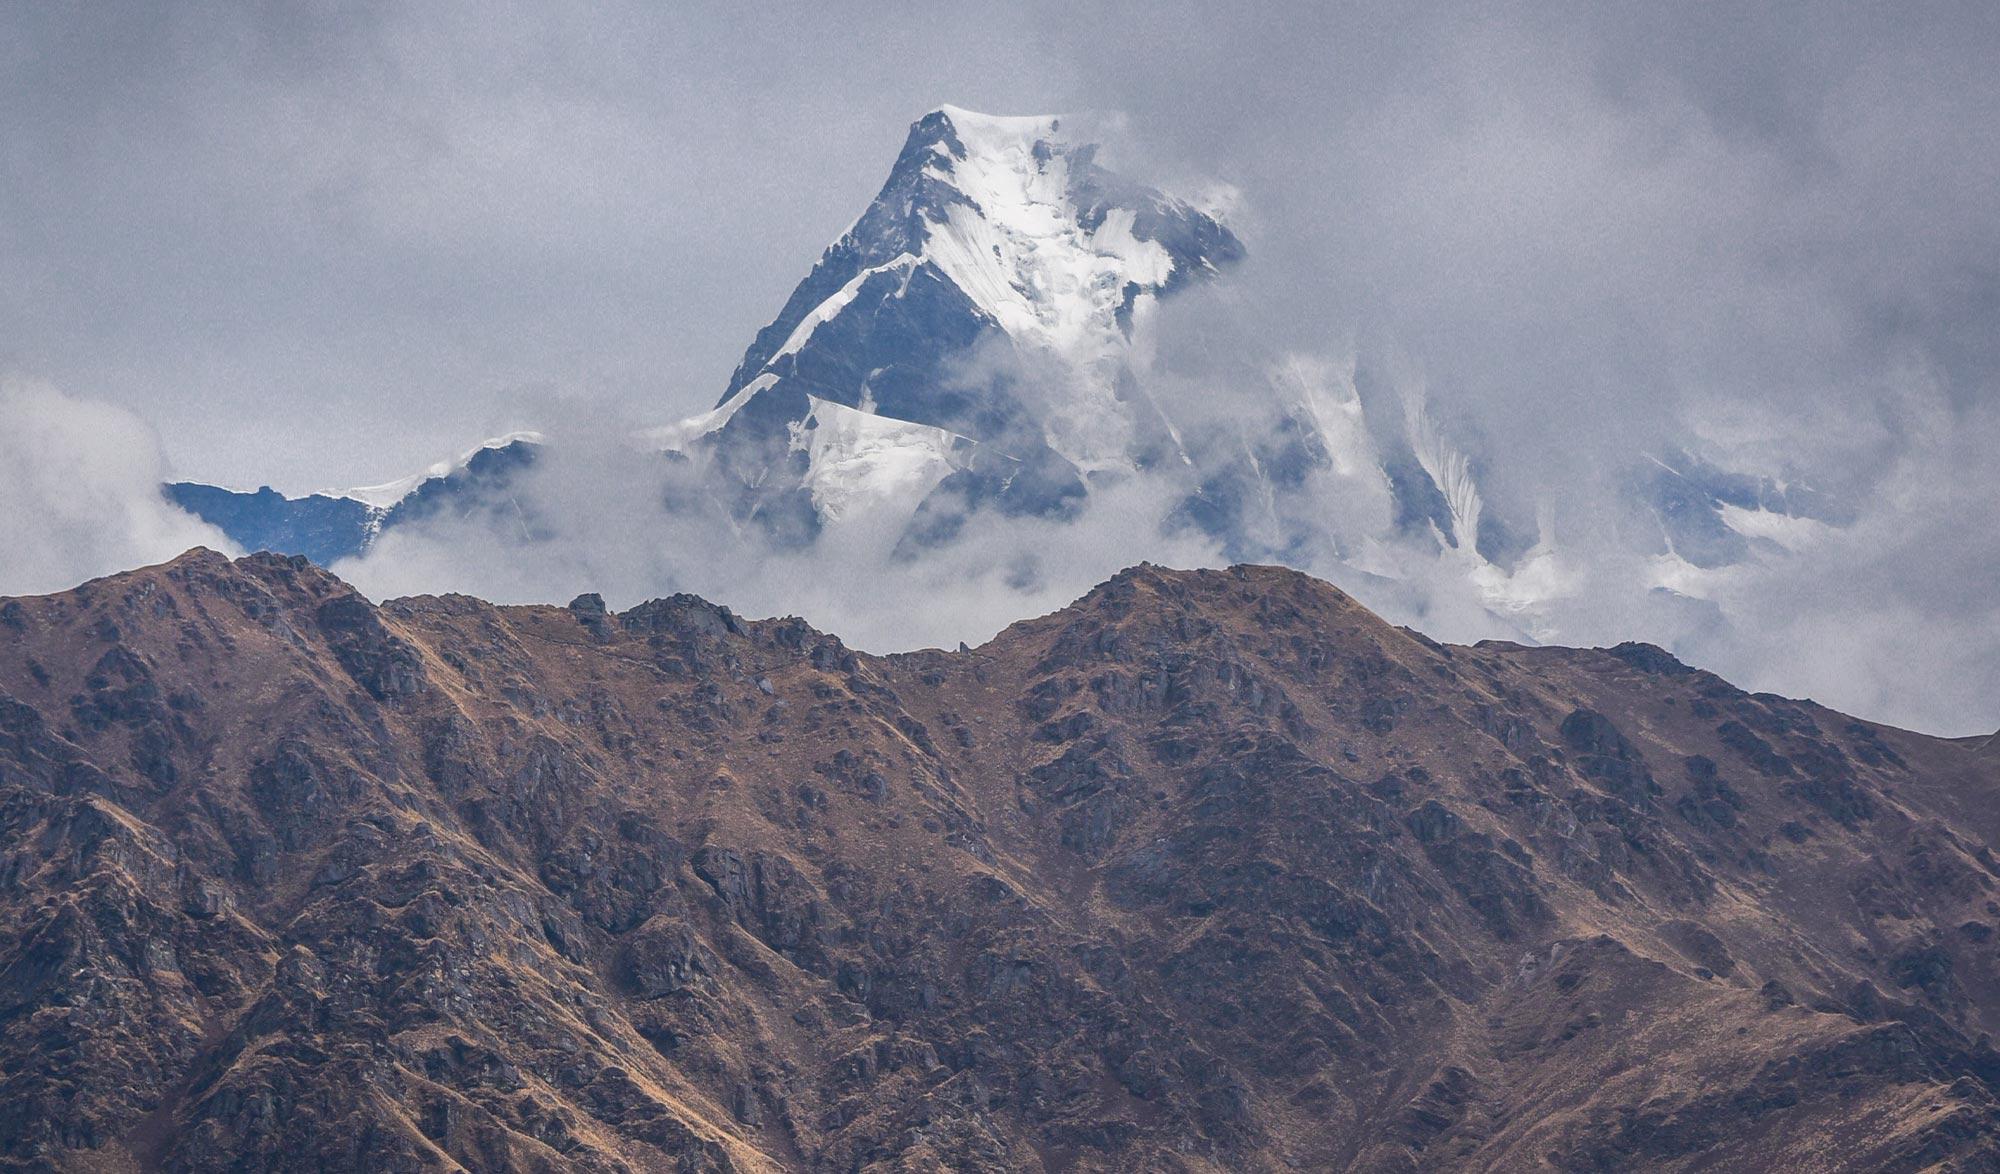 Nanda Devi (7 816 m) dans la région de l'Uttarakhand en Inde